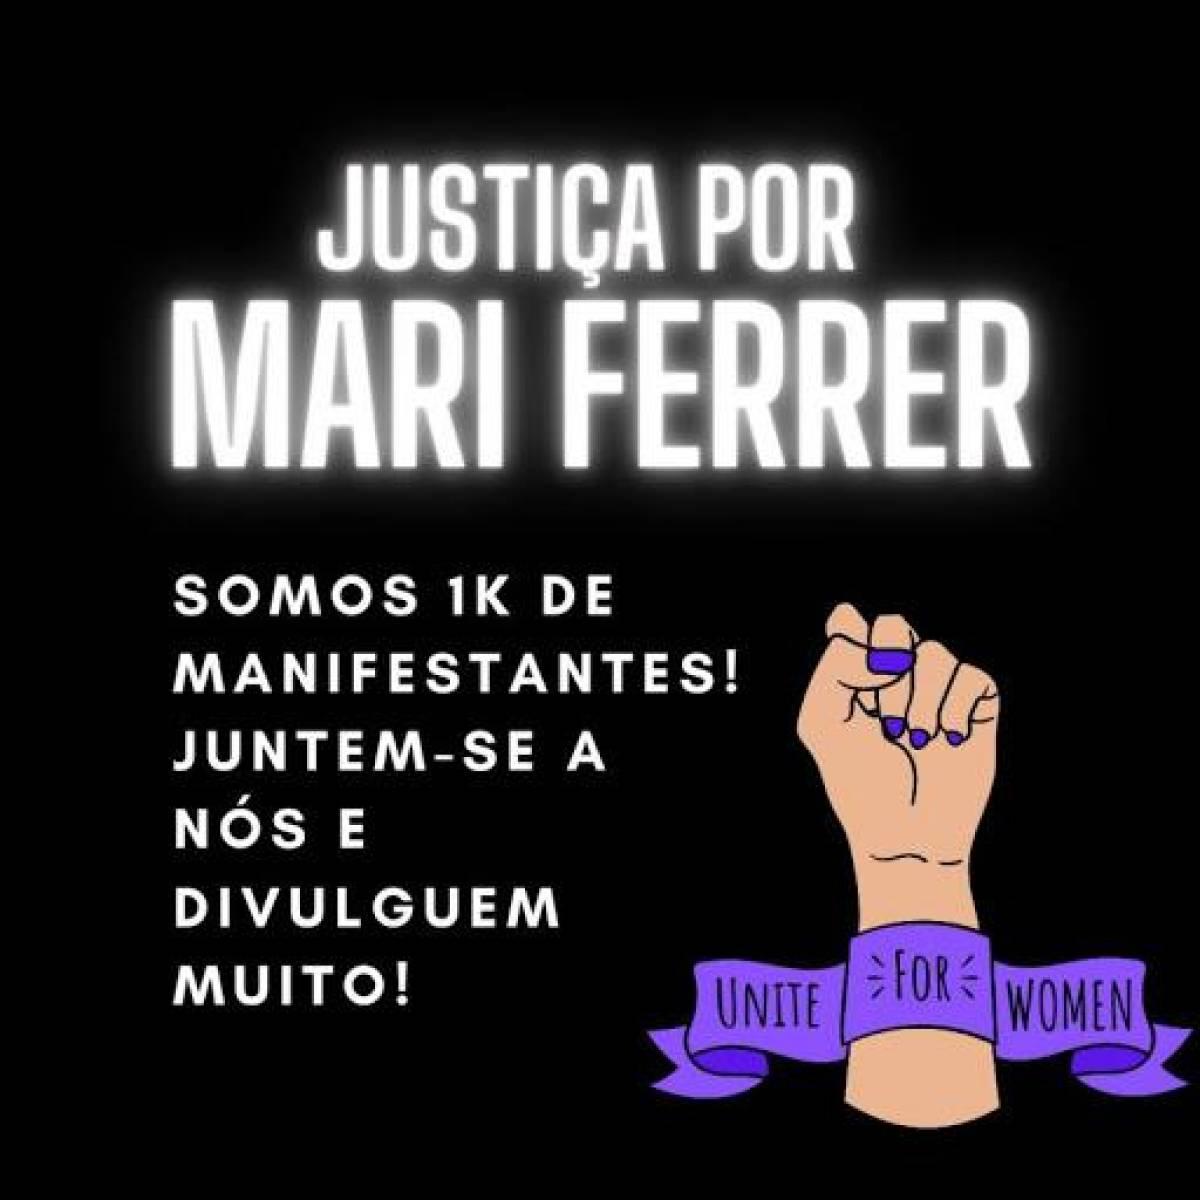 Ato denuncia violência contra mulheres e pede justiça para Mari Ferrer